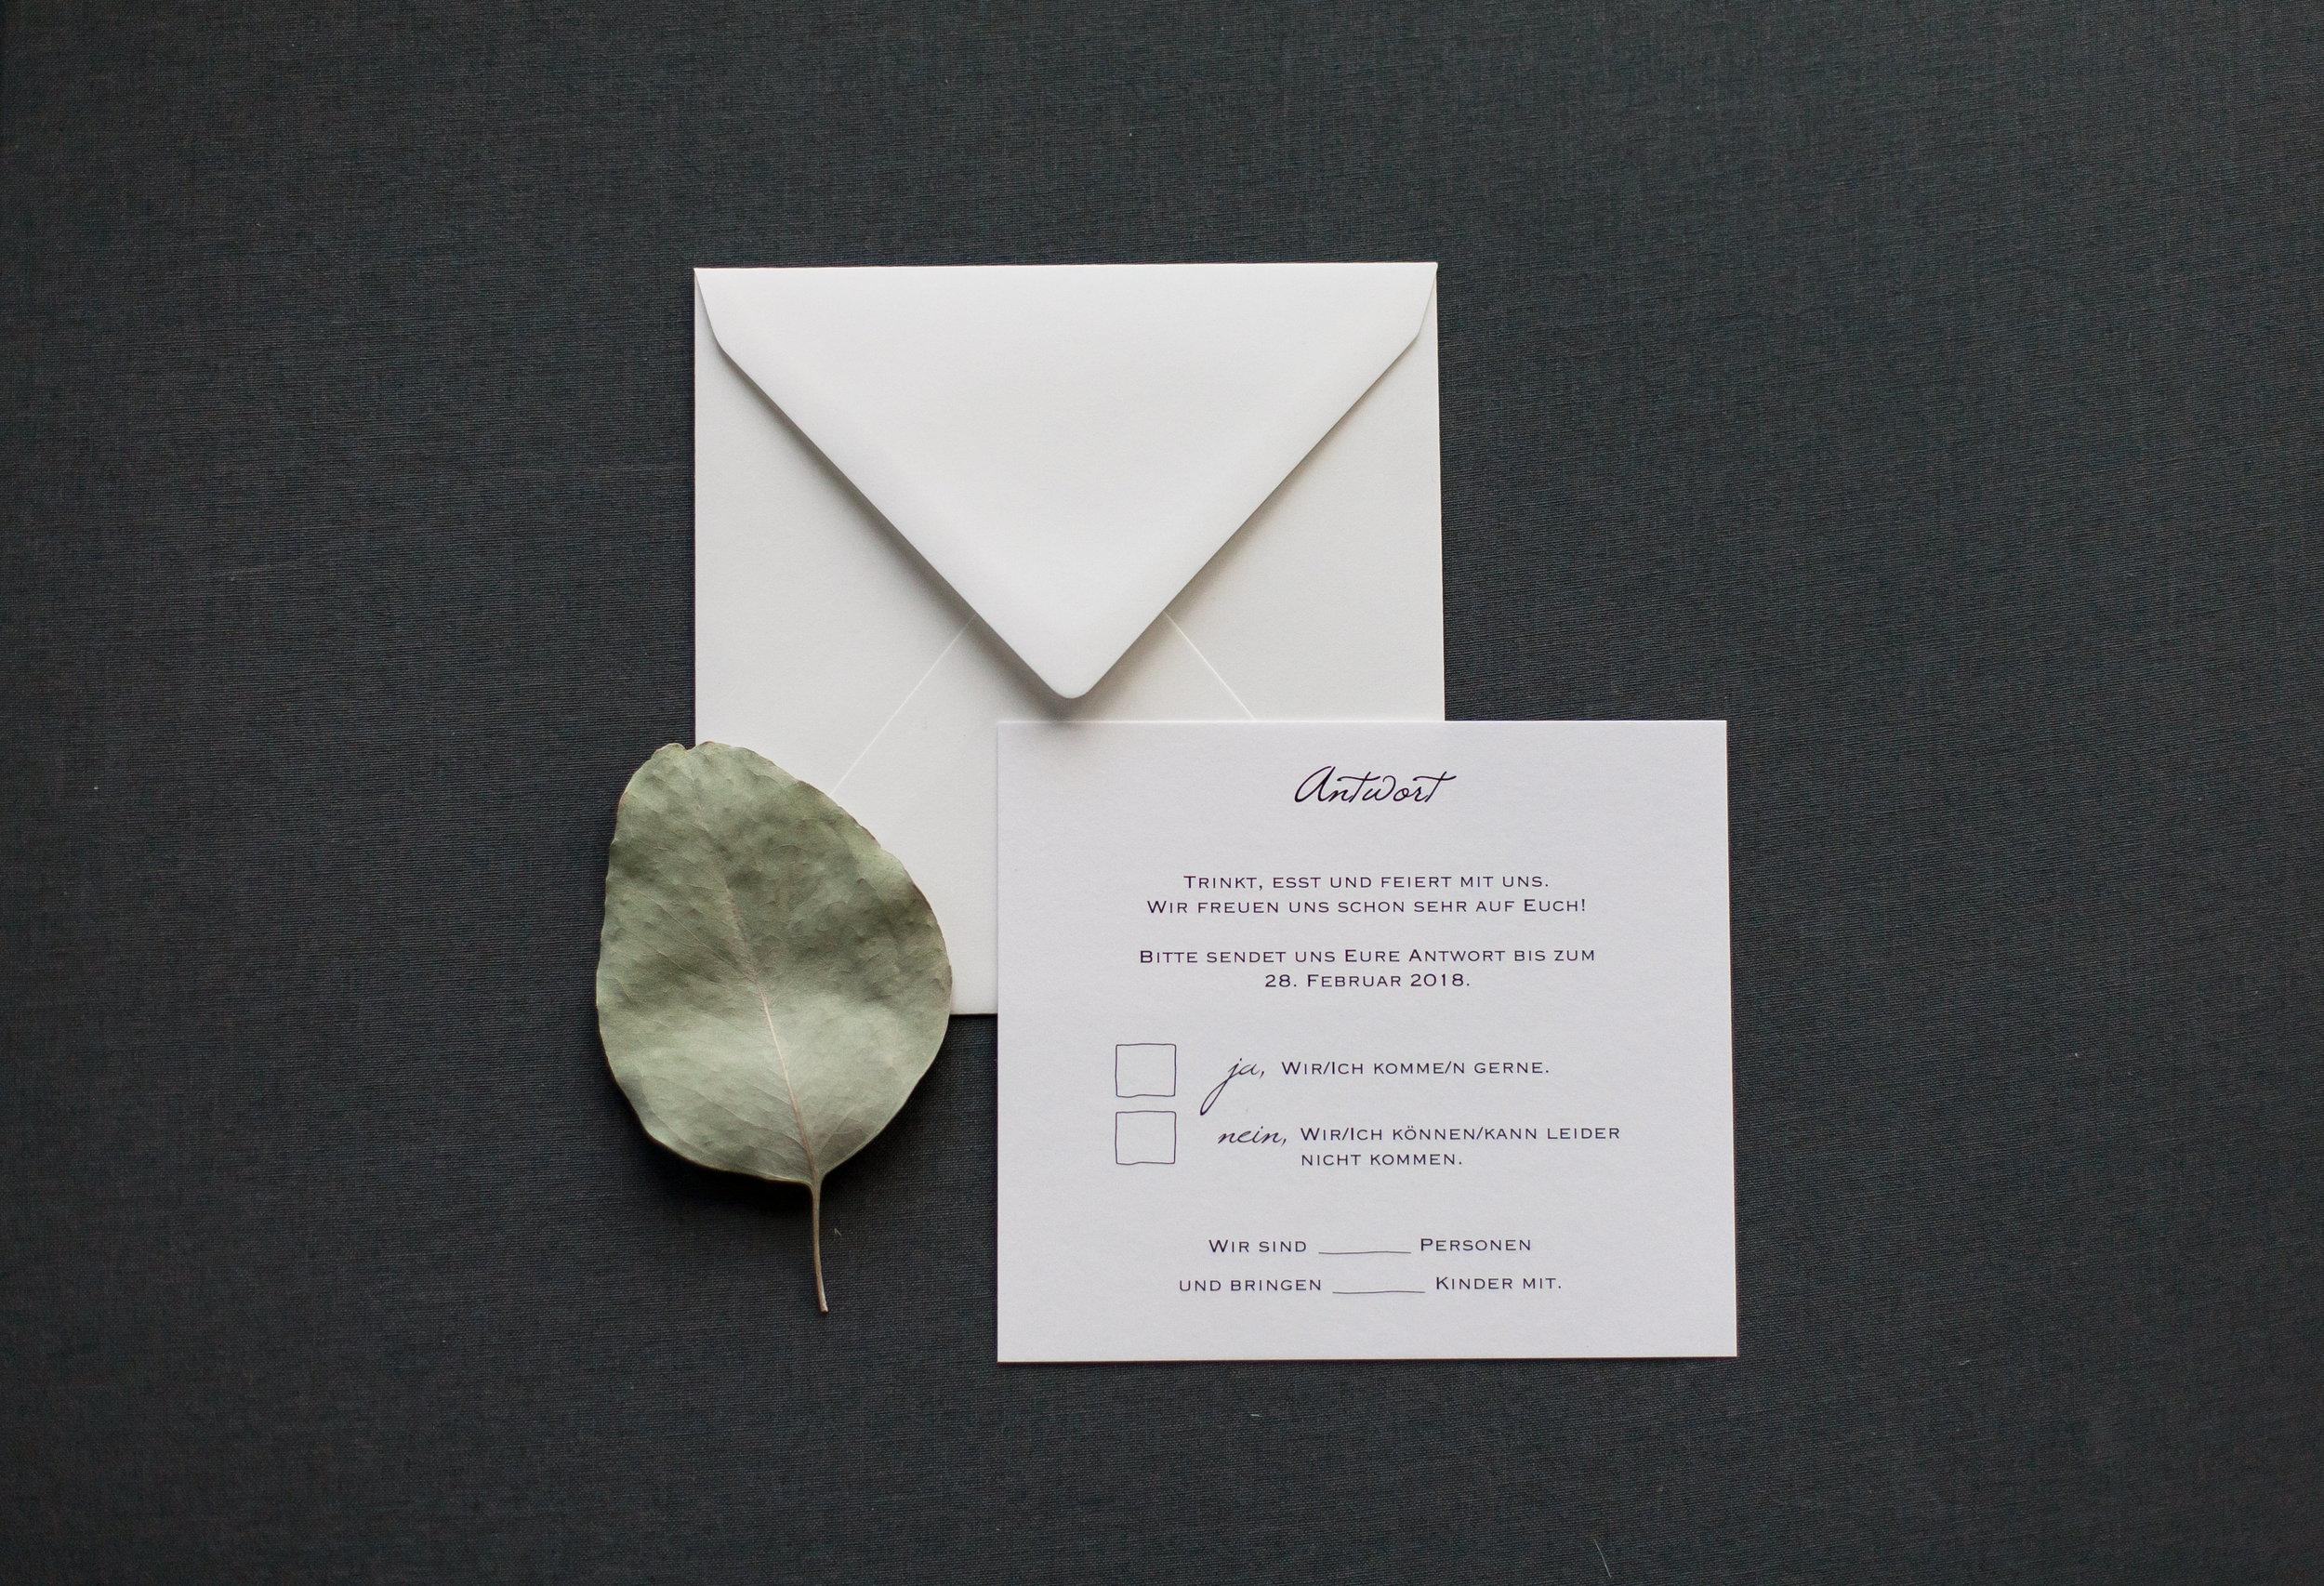 Antwortkarte mit passendem Briefumschlag